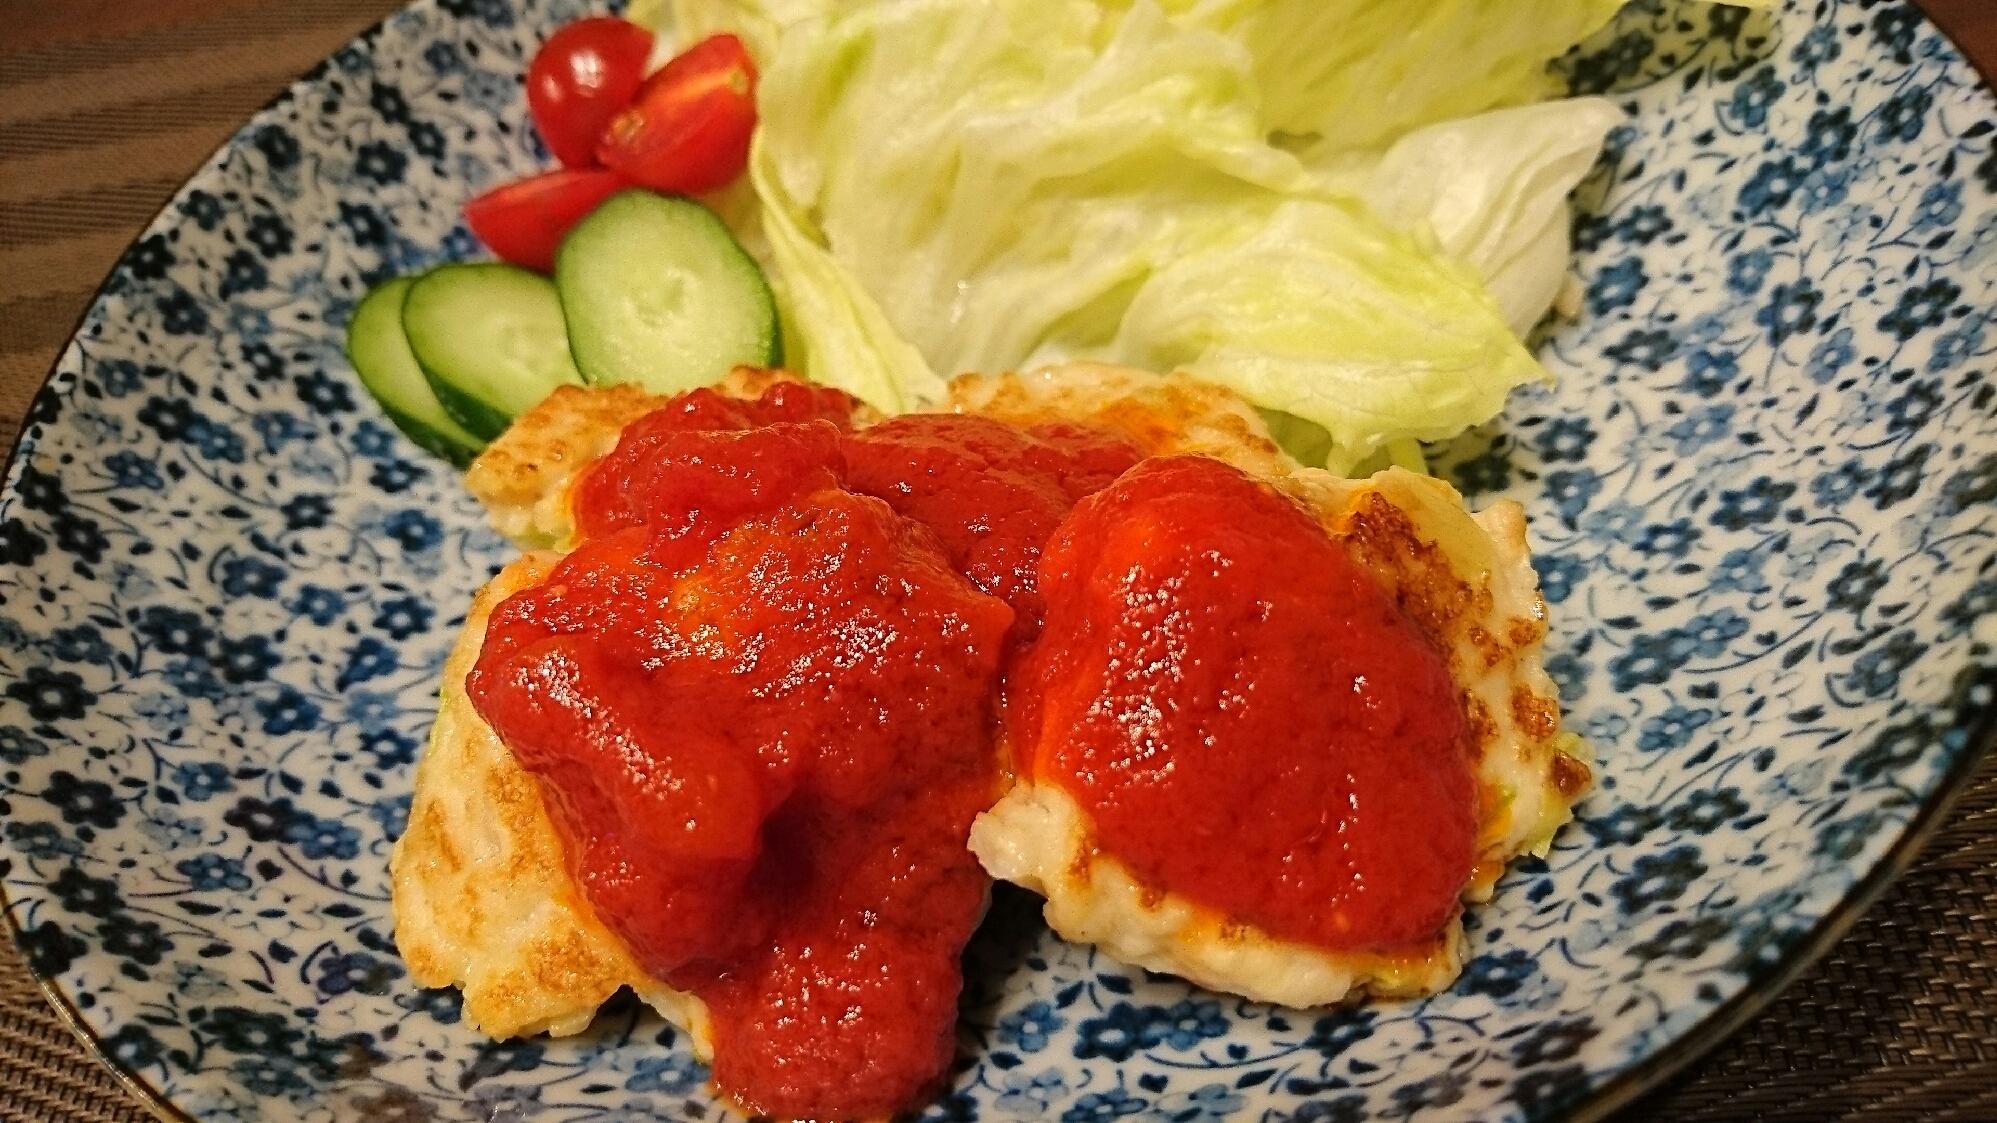 トマトソースのかかった豆腐ハンバーグ